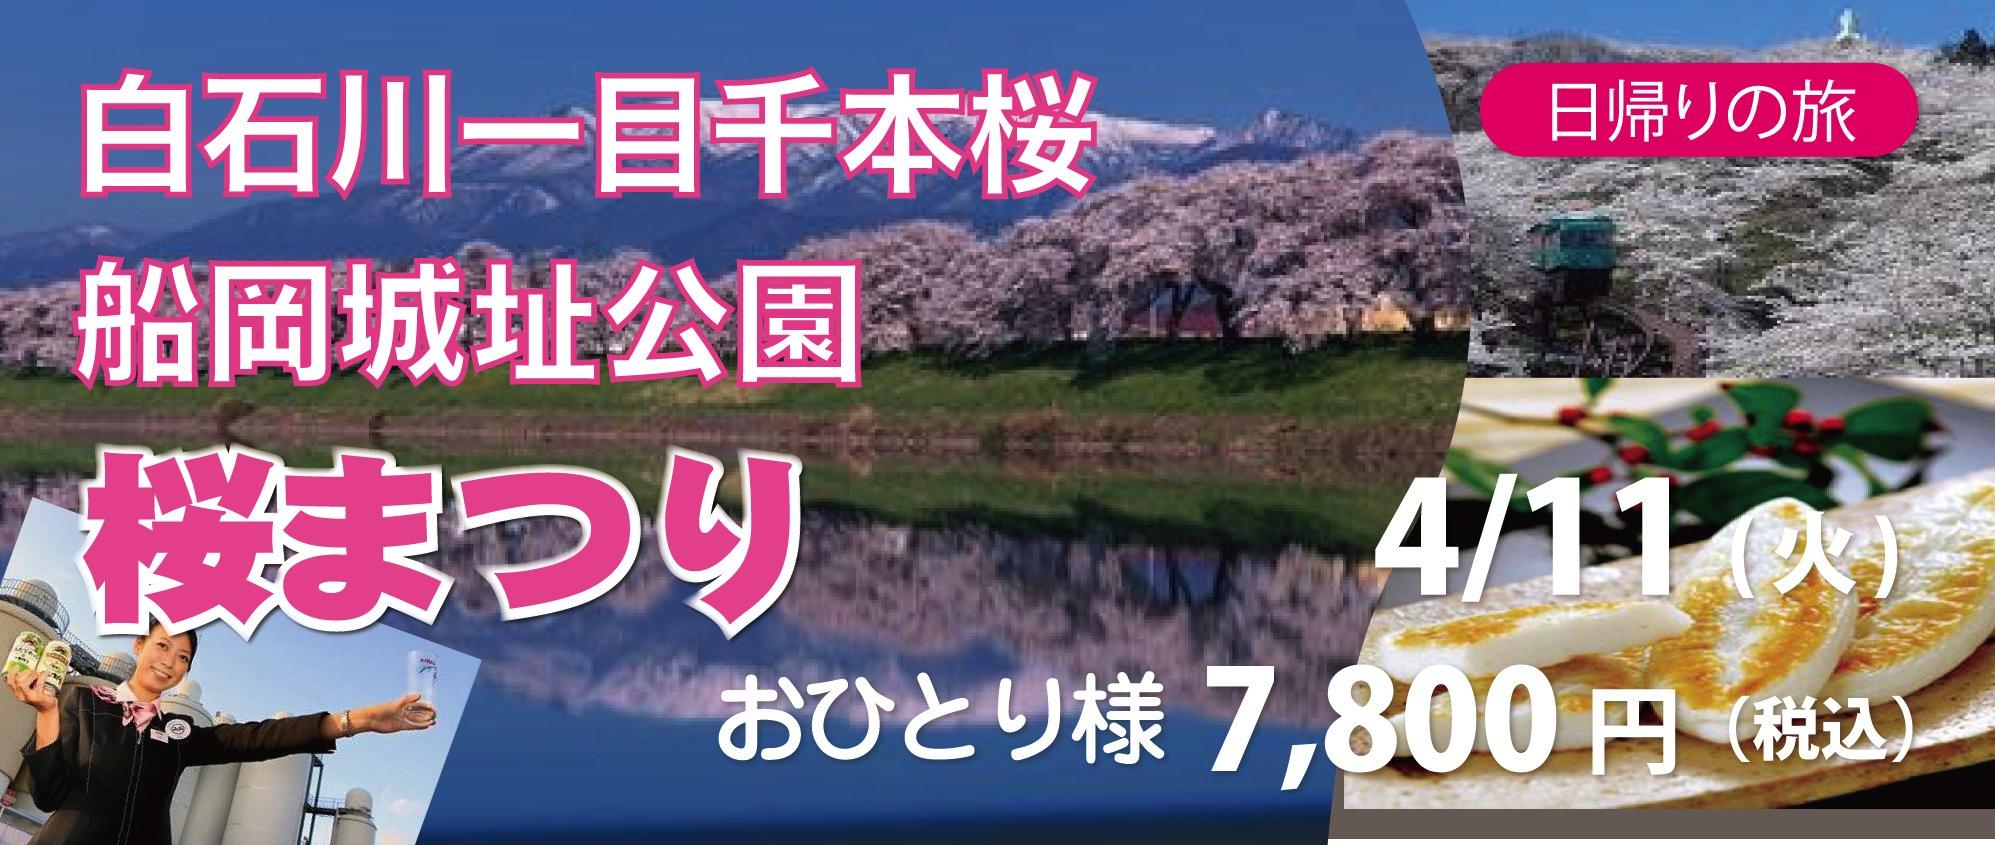 白石川一目千本桜と船岡城址公園 桜まつり 4月11日(火)出発 日帰り